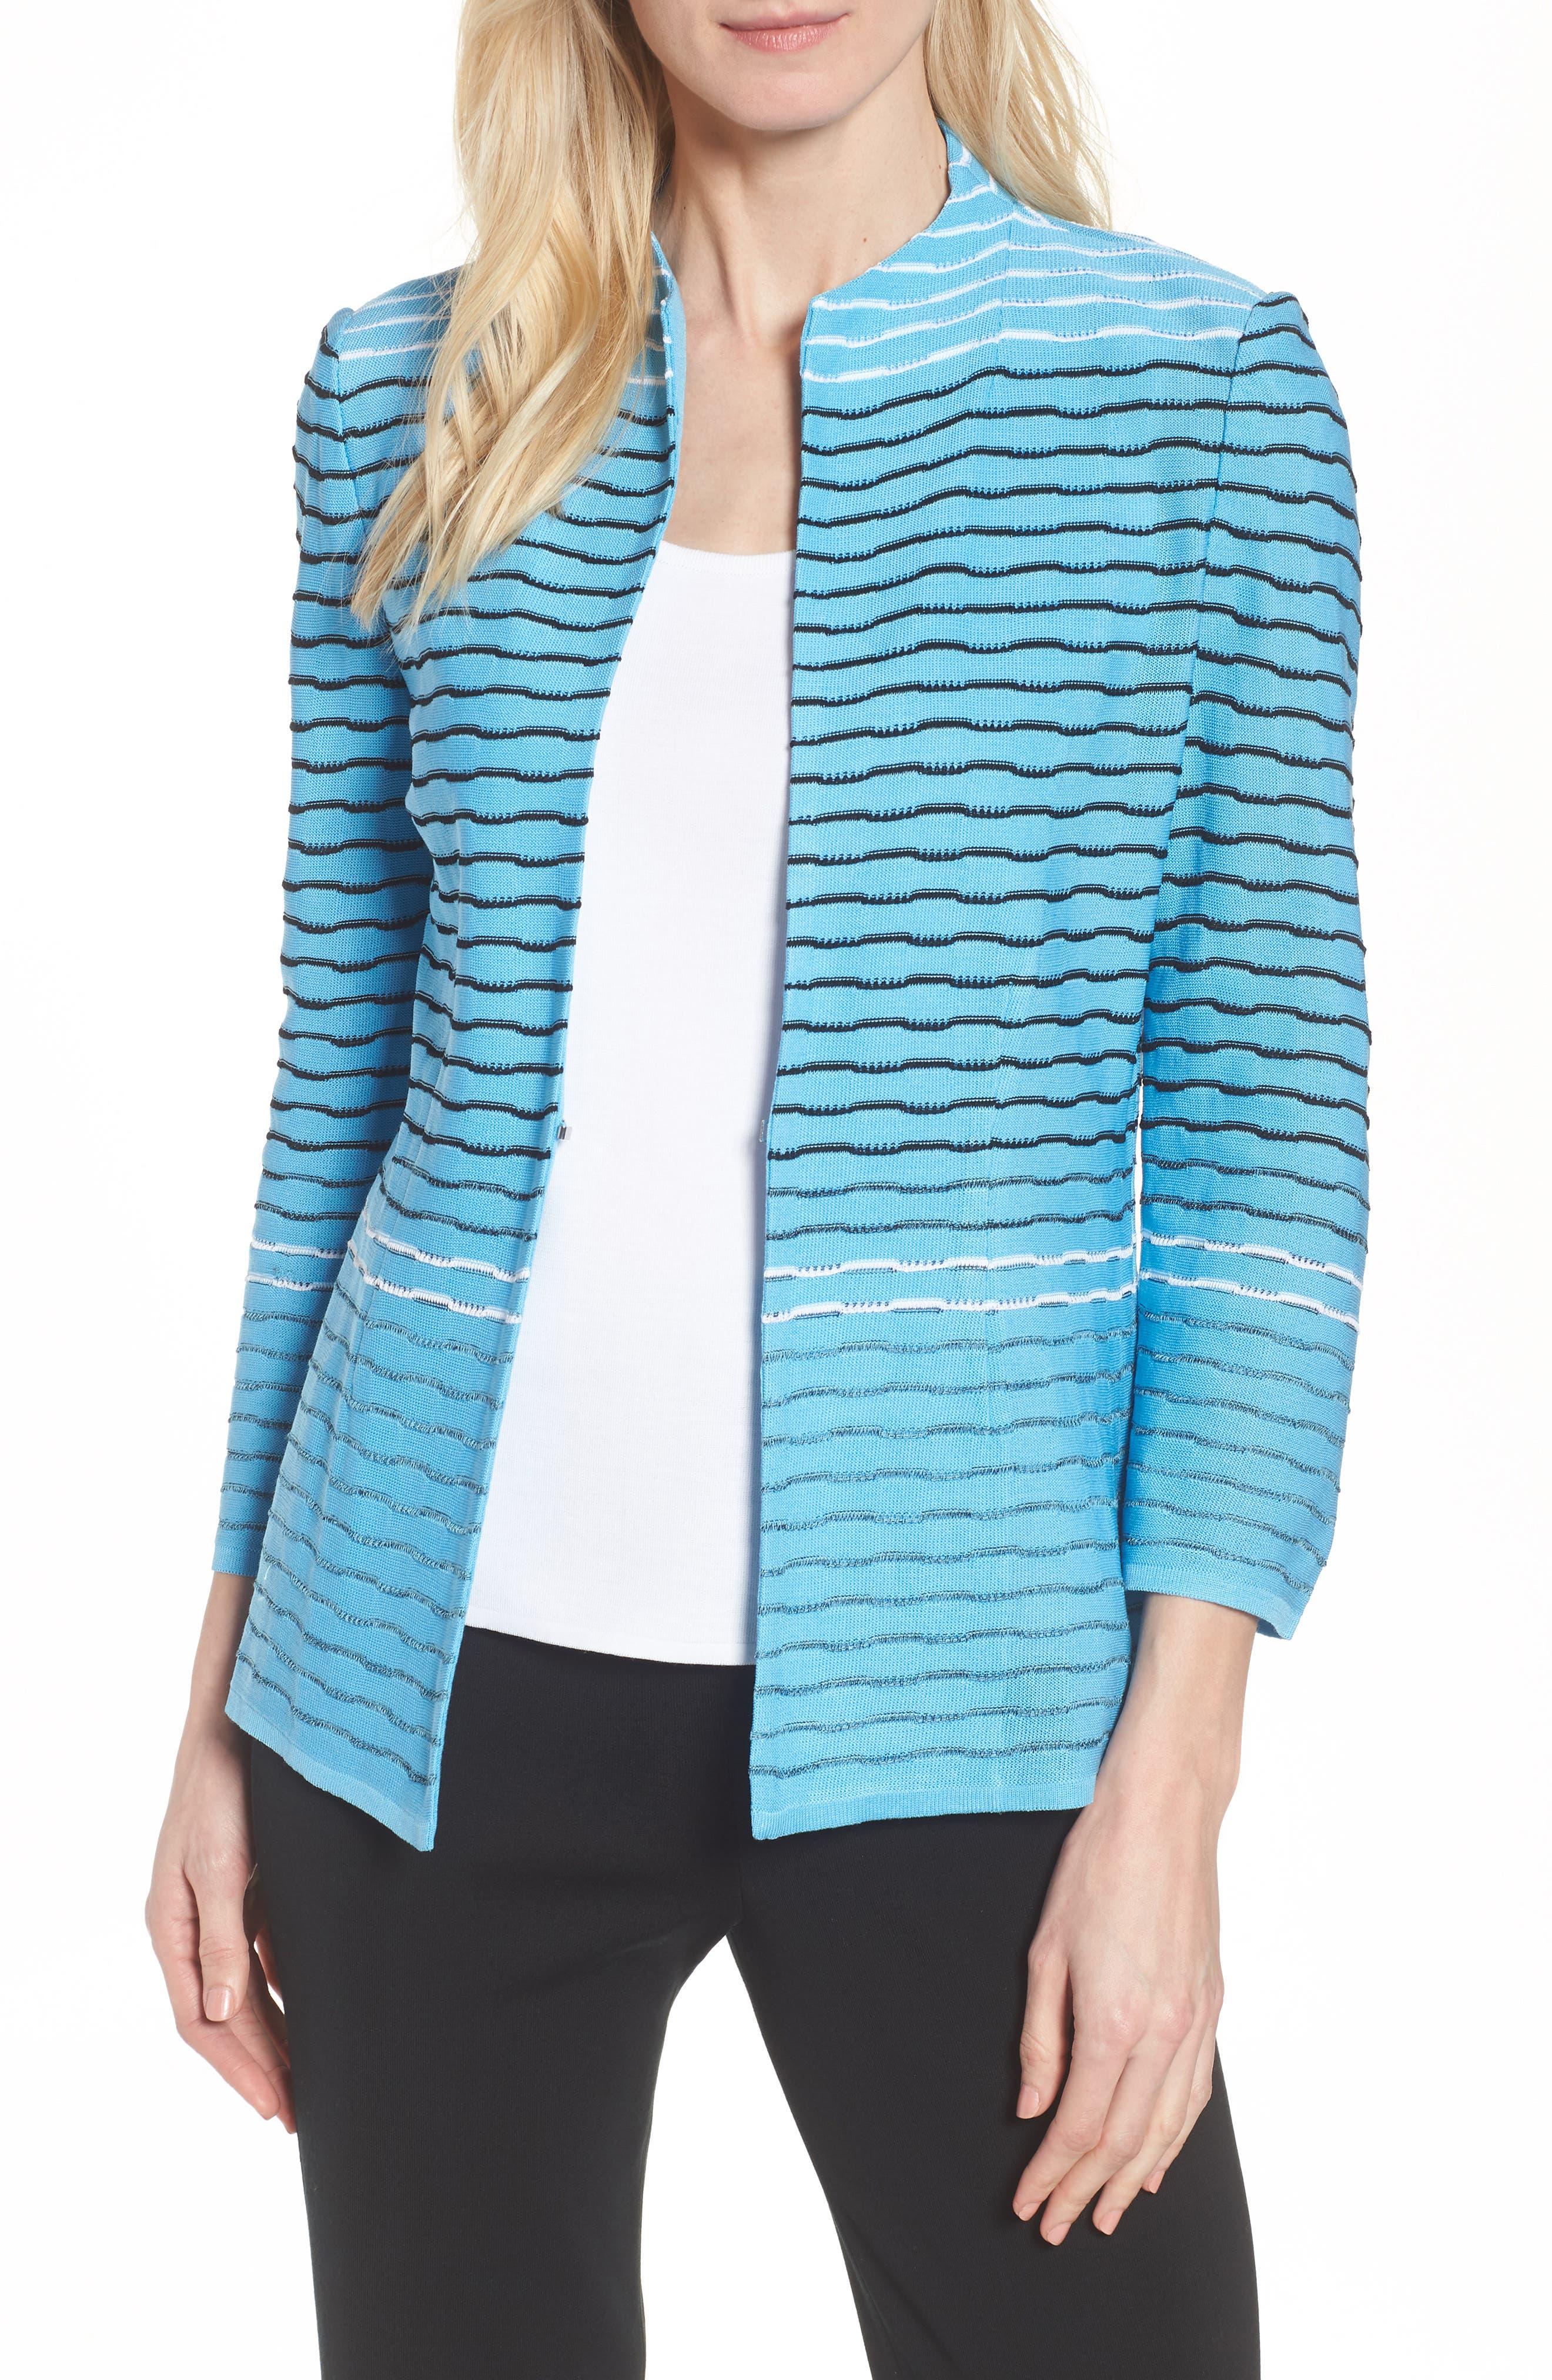 Jacquard Knit Jacket,                             Main thumbnail 1, color,                             Bluebonnet/ Black/ White